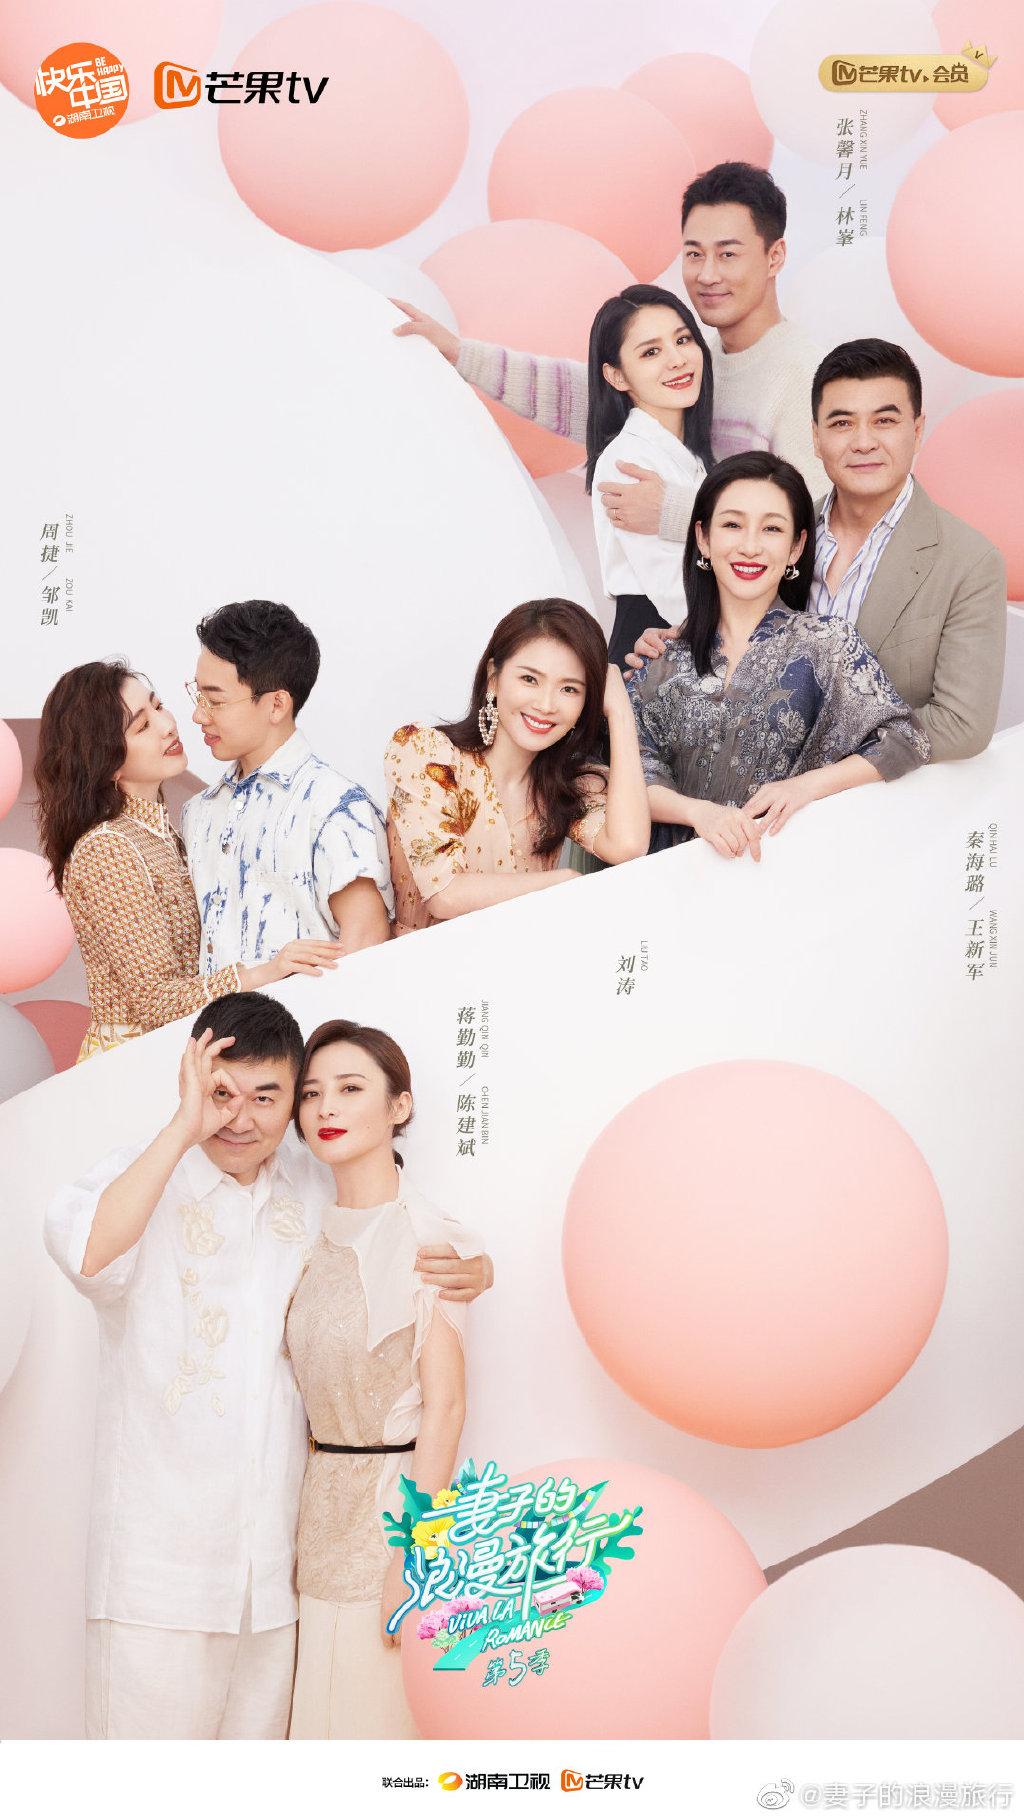 蒋勤勤、陈建斌、张馨月、林峯等加盟《妻子的浪漫旅行5》